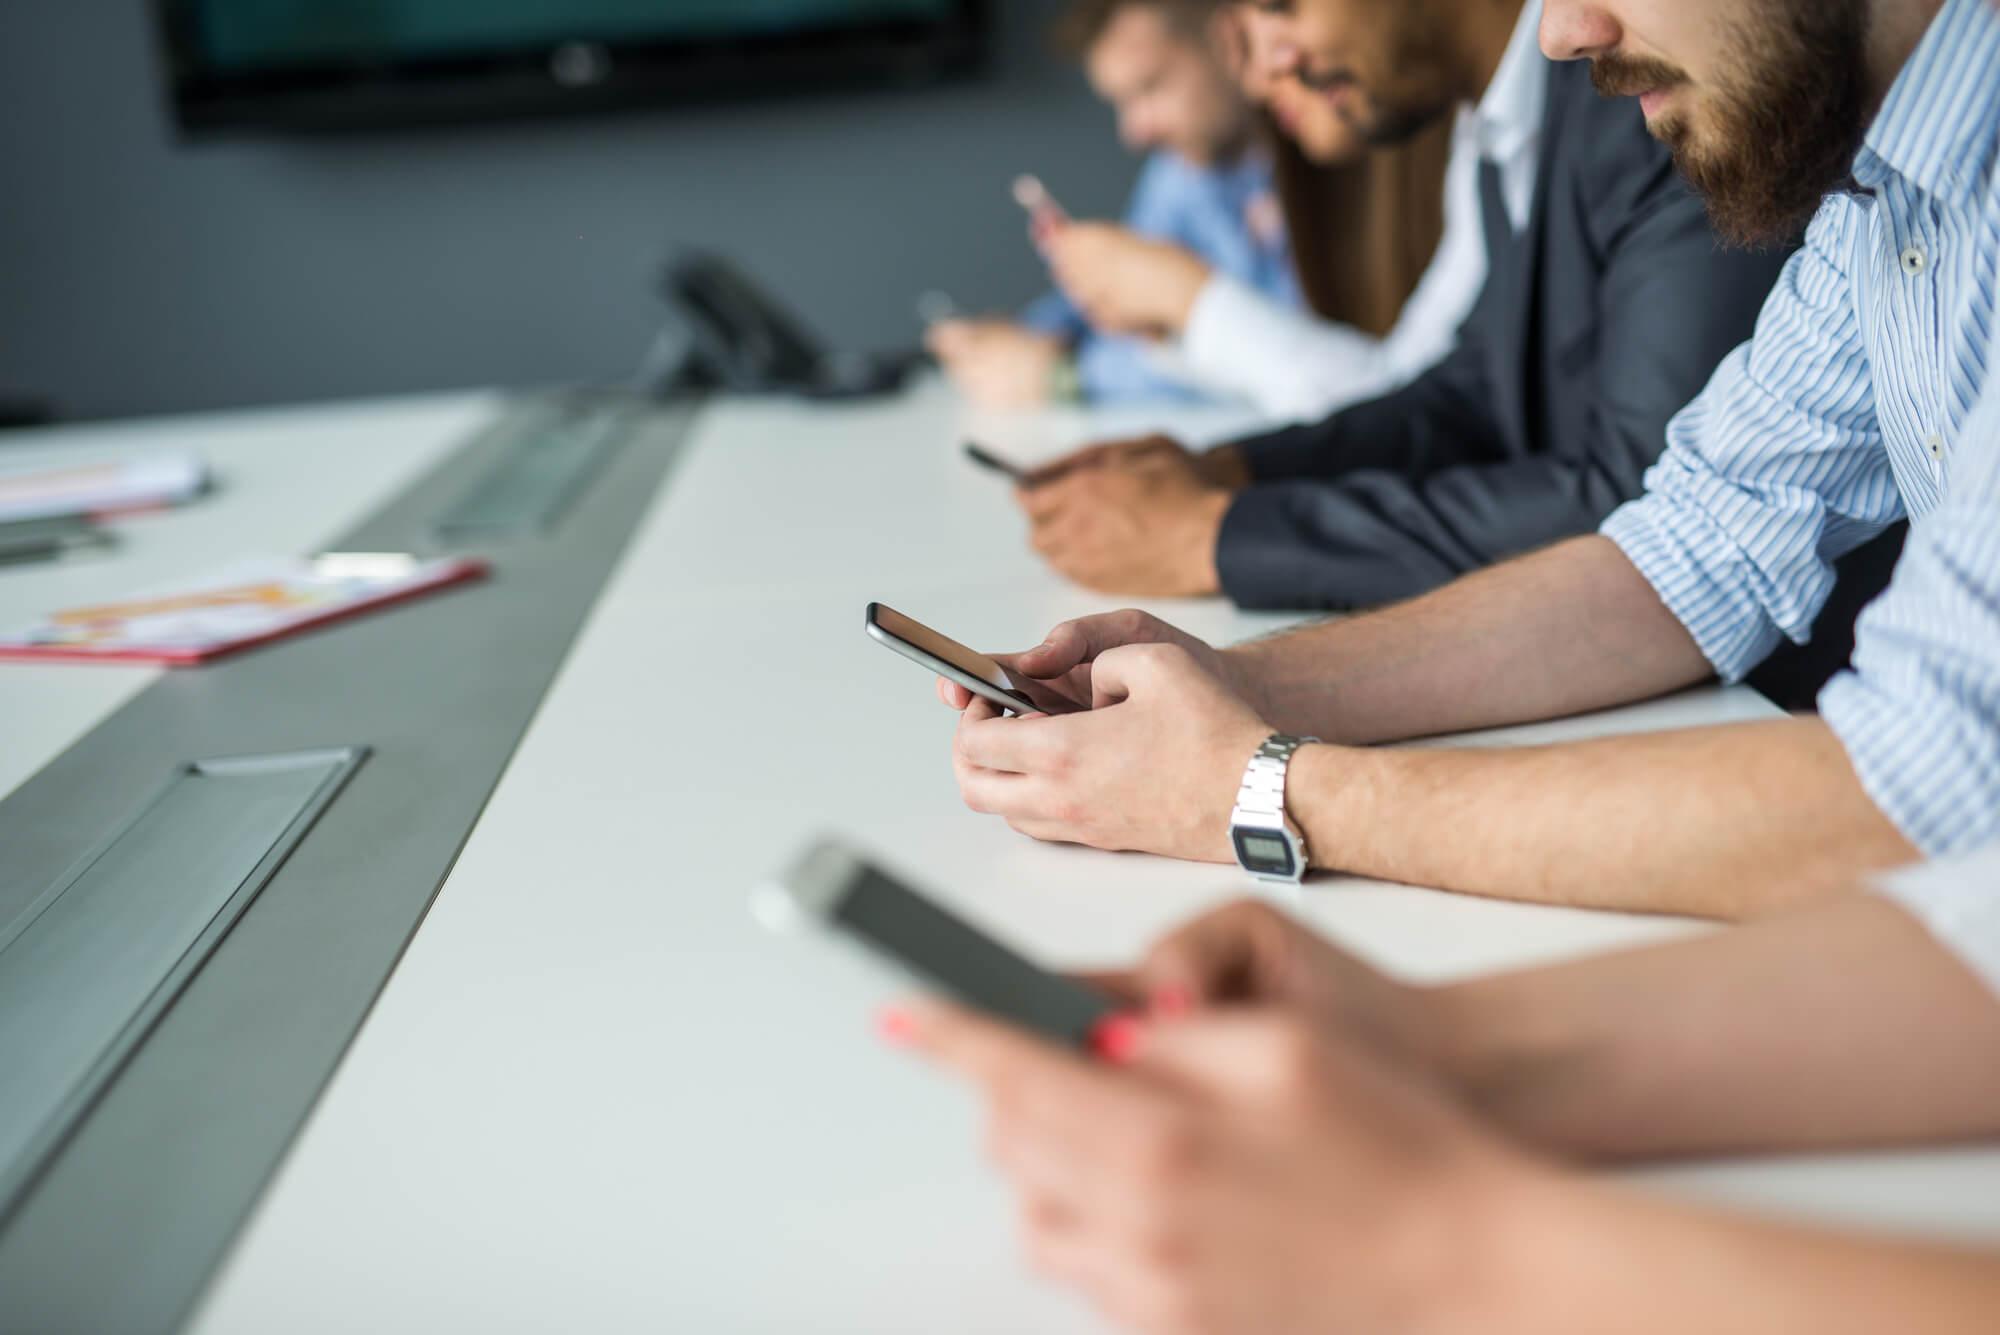 programas-de-incentivo-saiba-como-usar-smss-para-ter-mais-sucesso